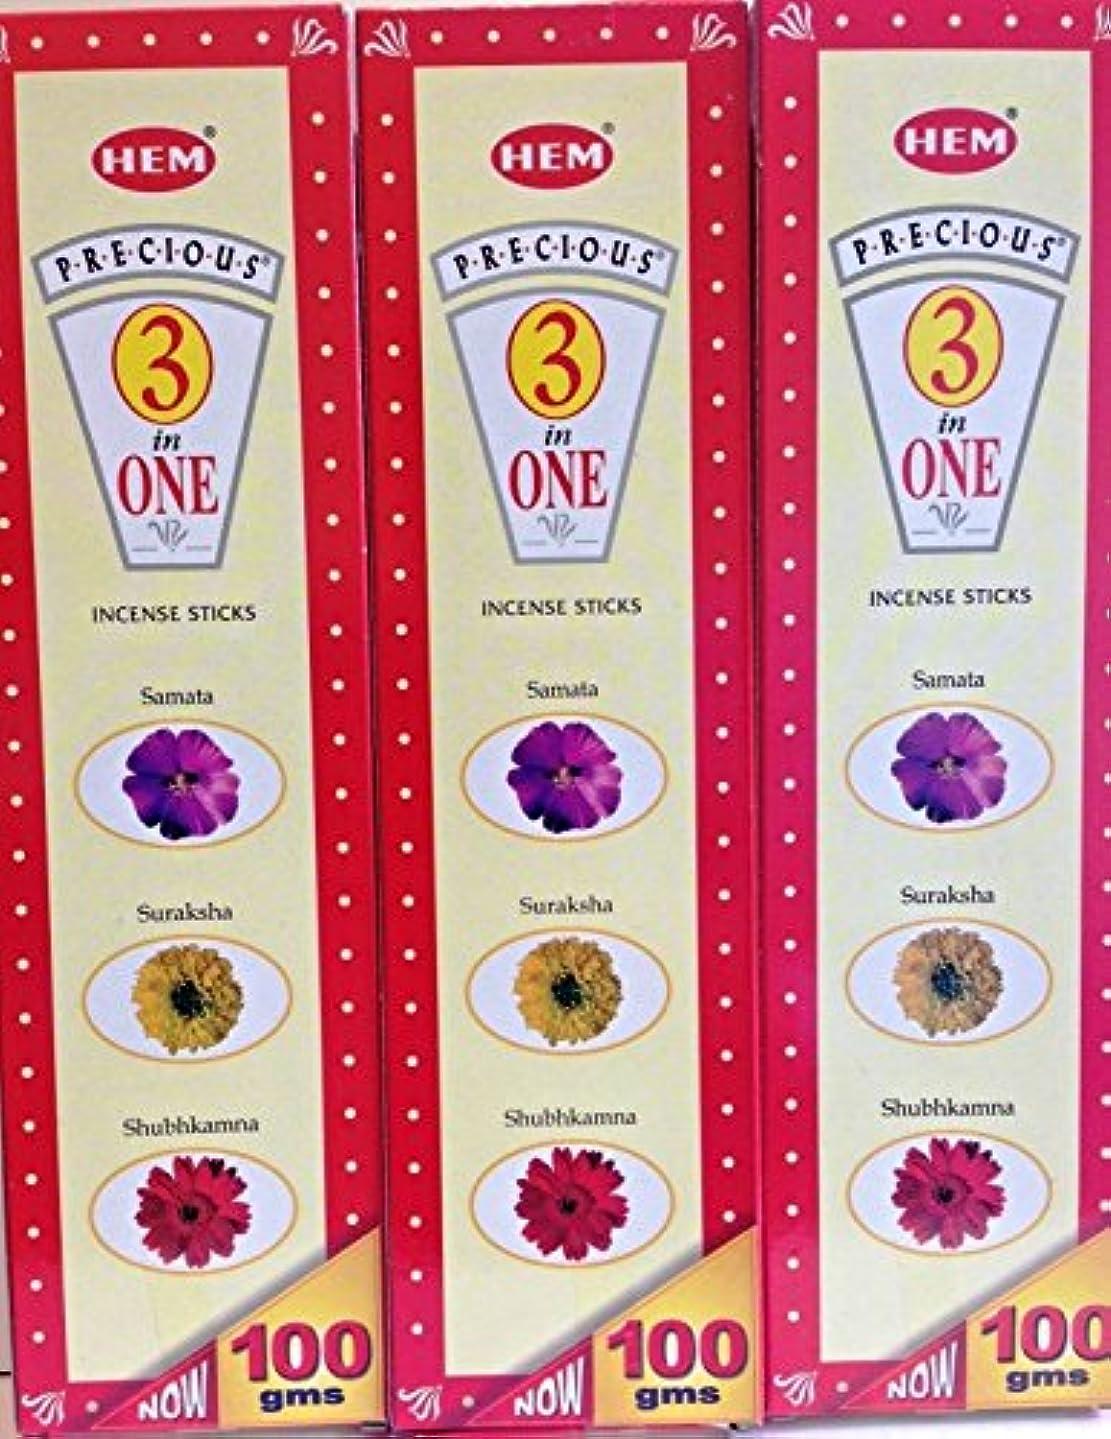 ベジタリアン駐地セーブHem Precious 3 in 1 Incense Sticks 100 g x 3パック( 75 sticks per pack x 3 )